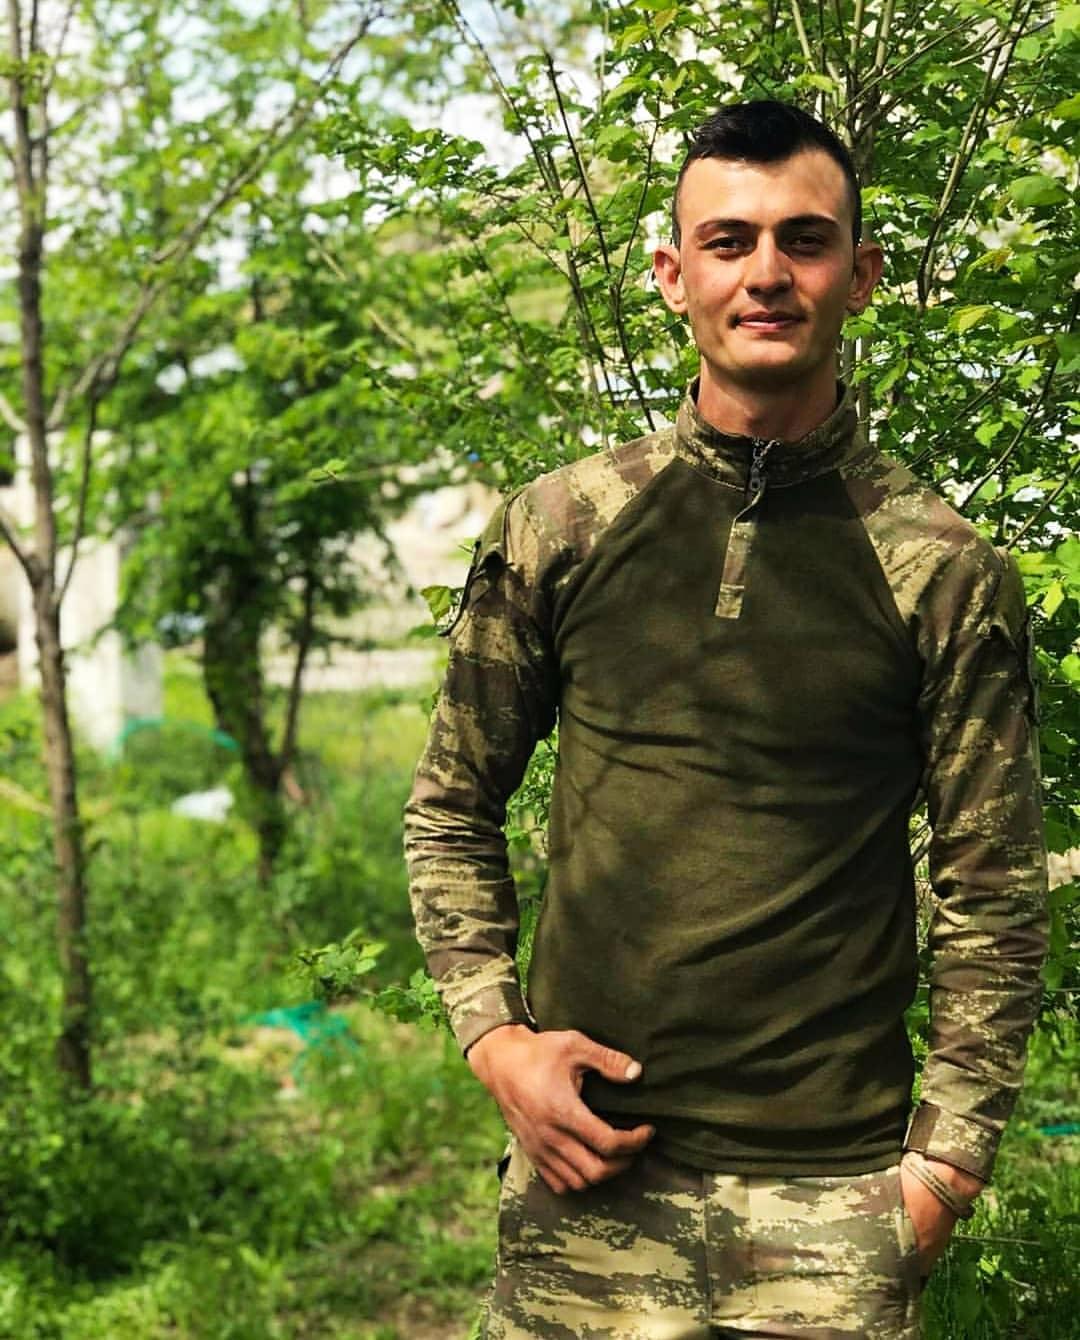 Kütahya'ya kor gibi düşen haber! Piyade Uzman Çavuş Ahmet Asan şehit oldu... - HaberMotto